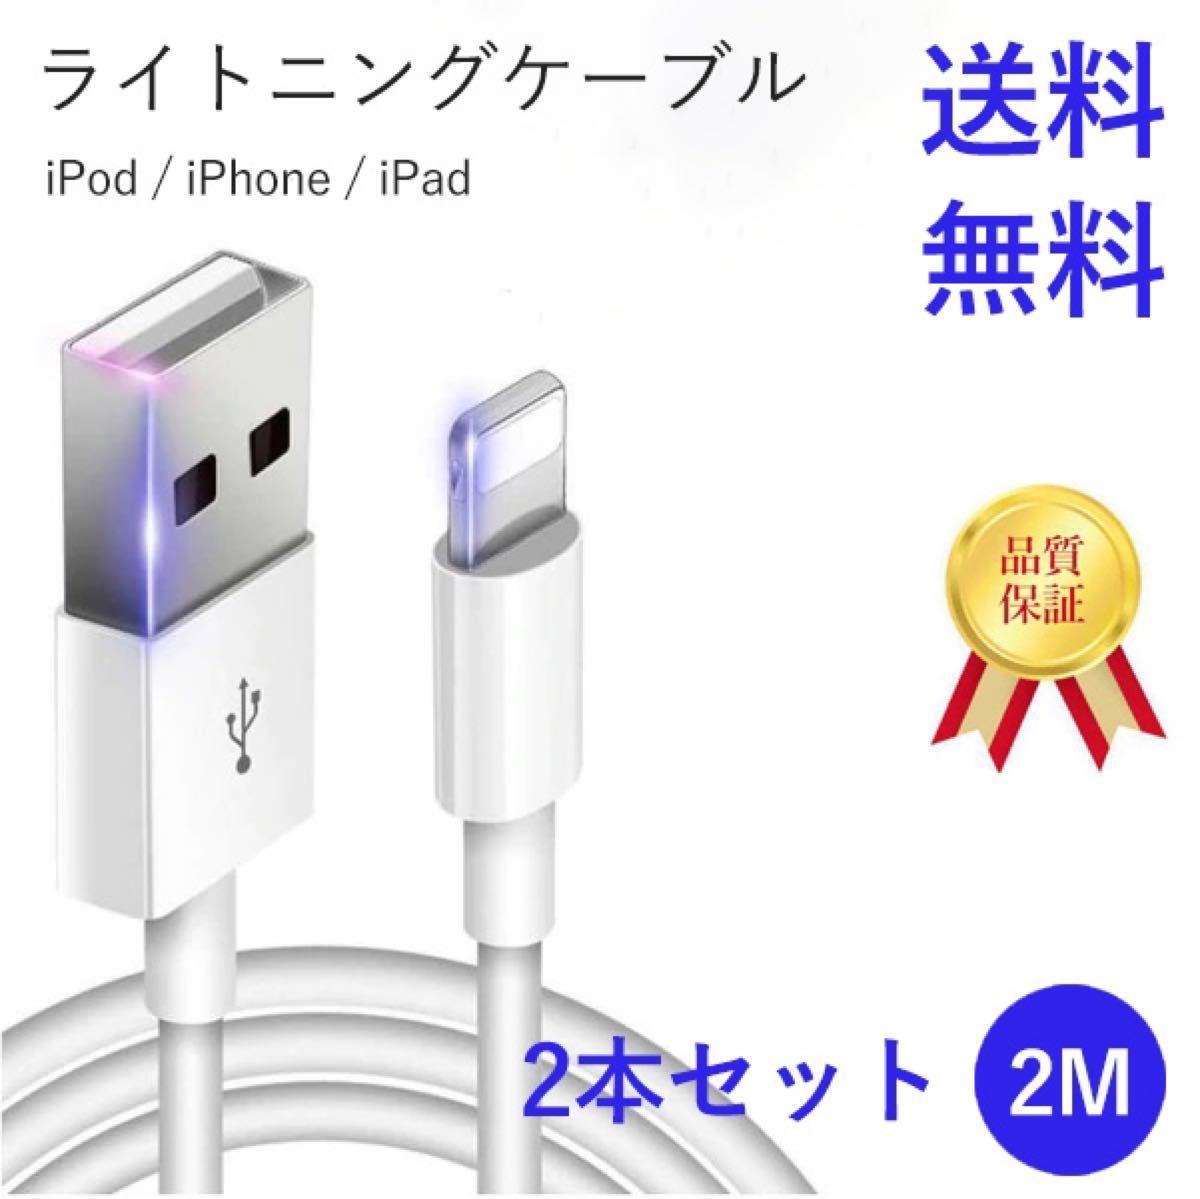 iPhone 充電器 ライトニングケーブル 2m 2本セット 純正品質 送料無料 データ転送 Lightning